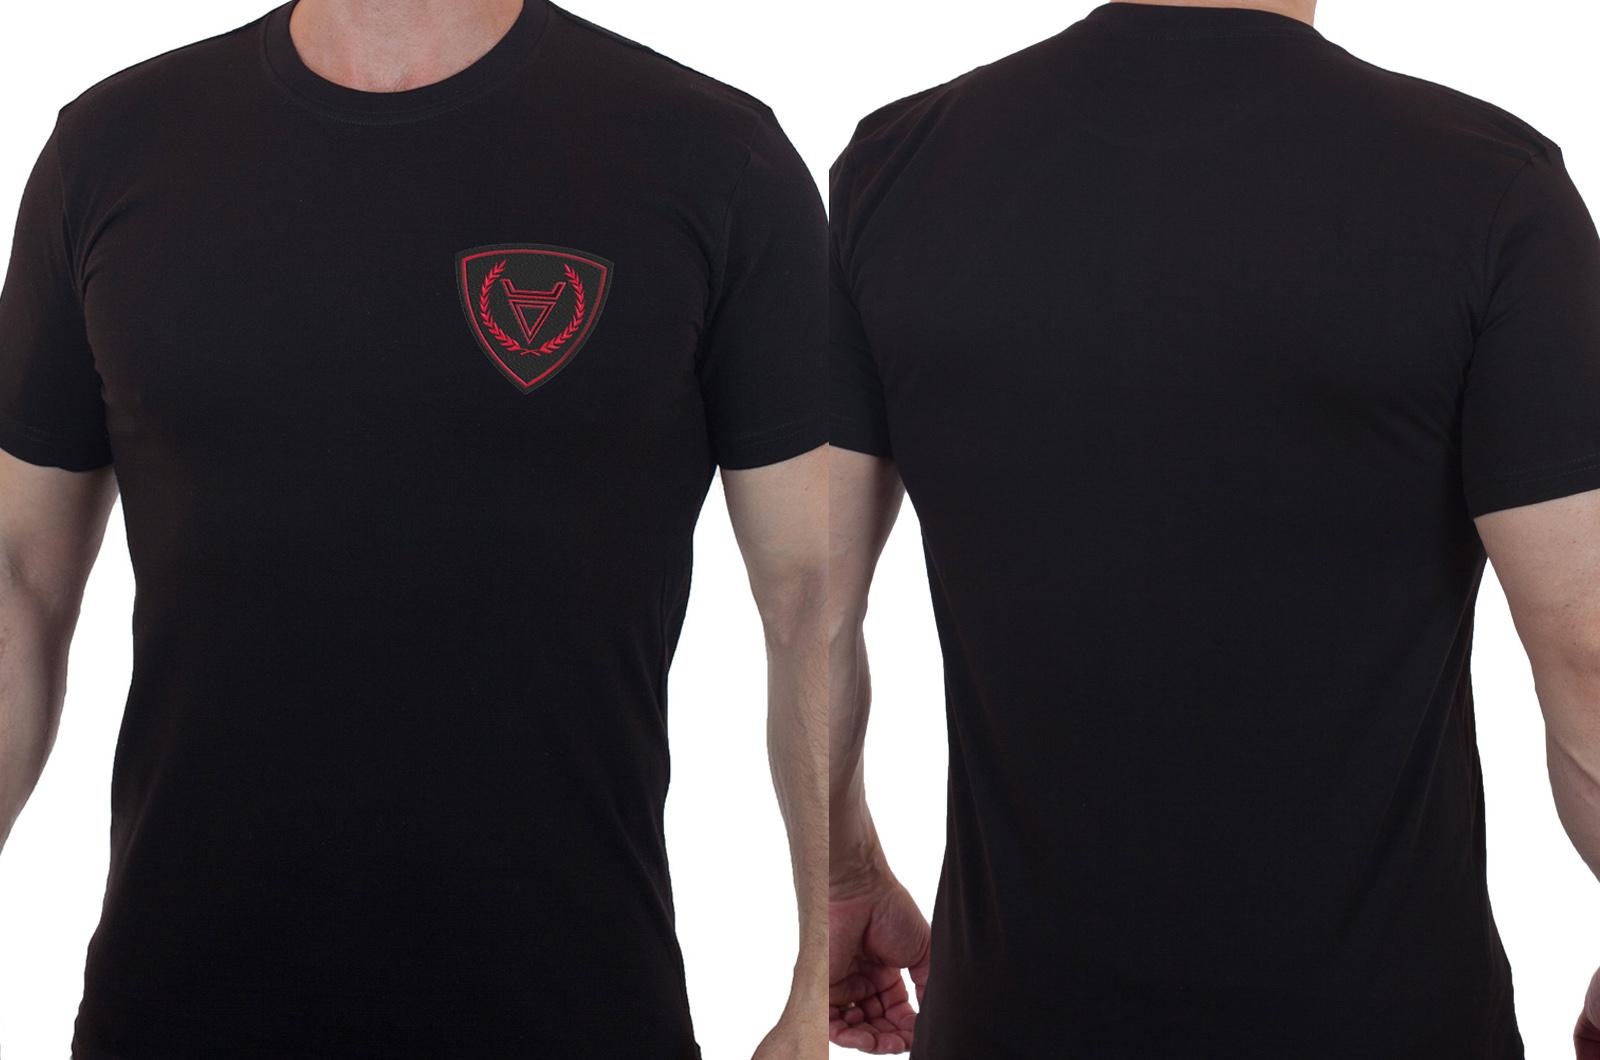 Строгая черная футболка с вышитым шевроном Бога Велес - купить с доставкой